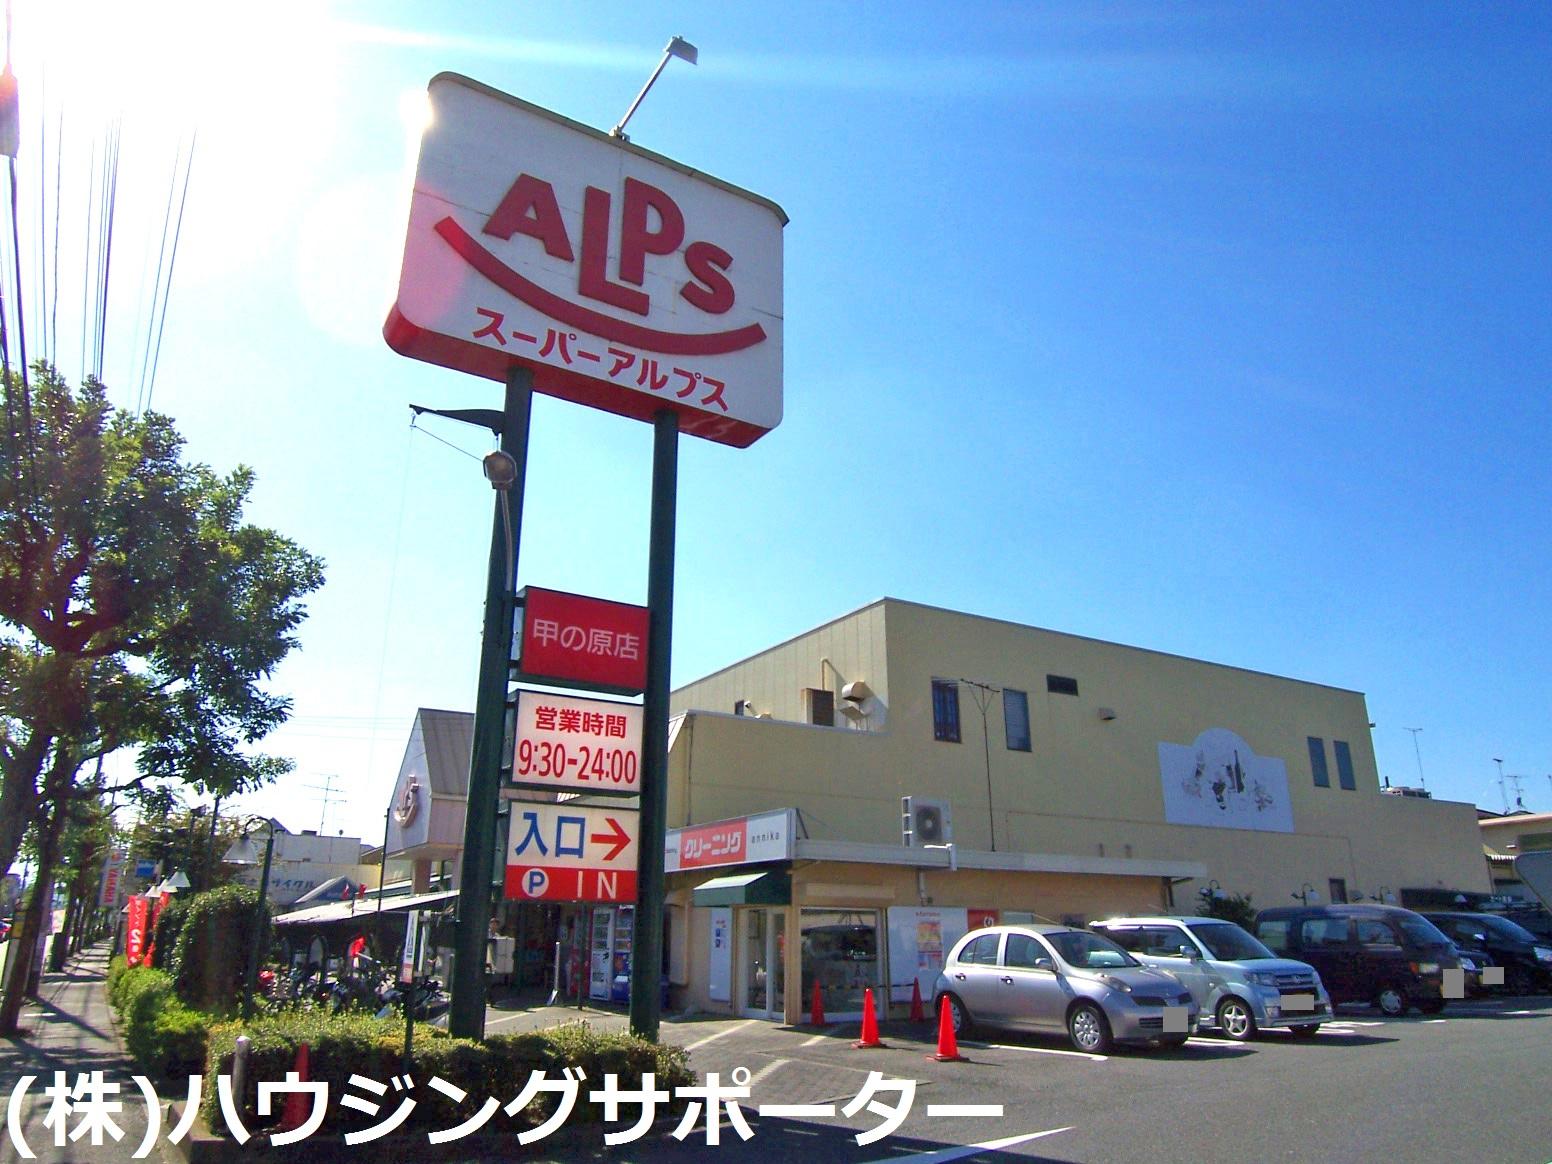 スーパー:スーパーアルプス 甲の原店 1139m